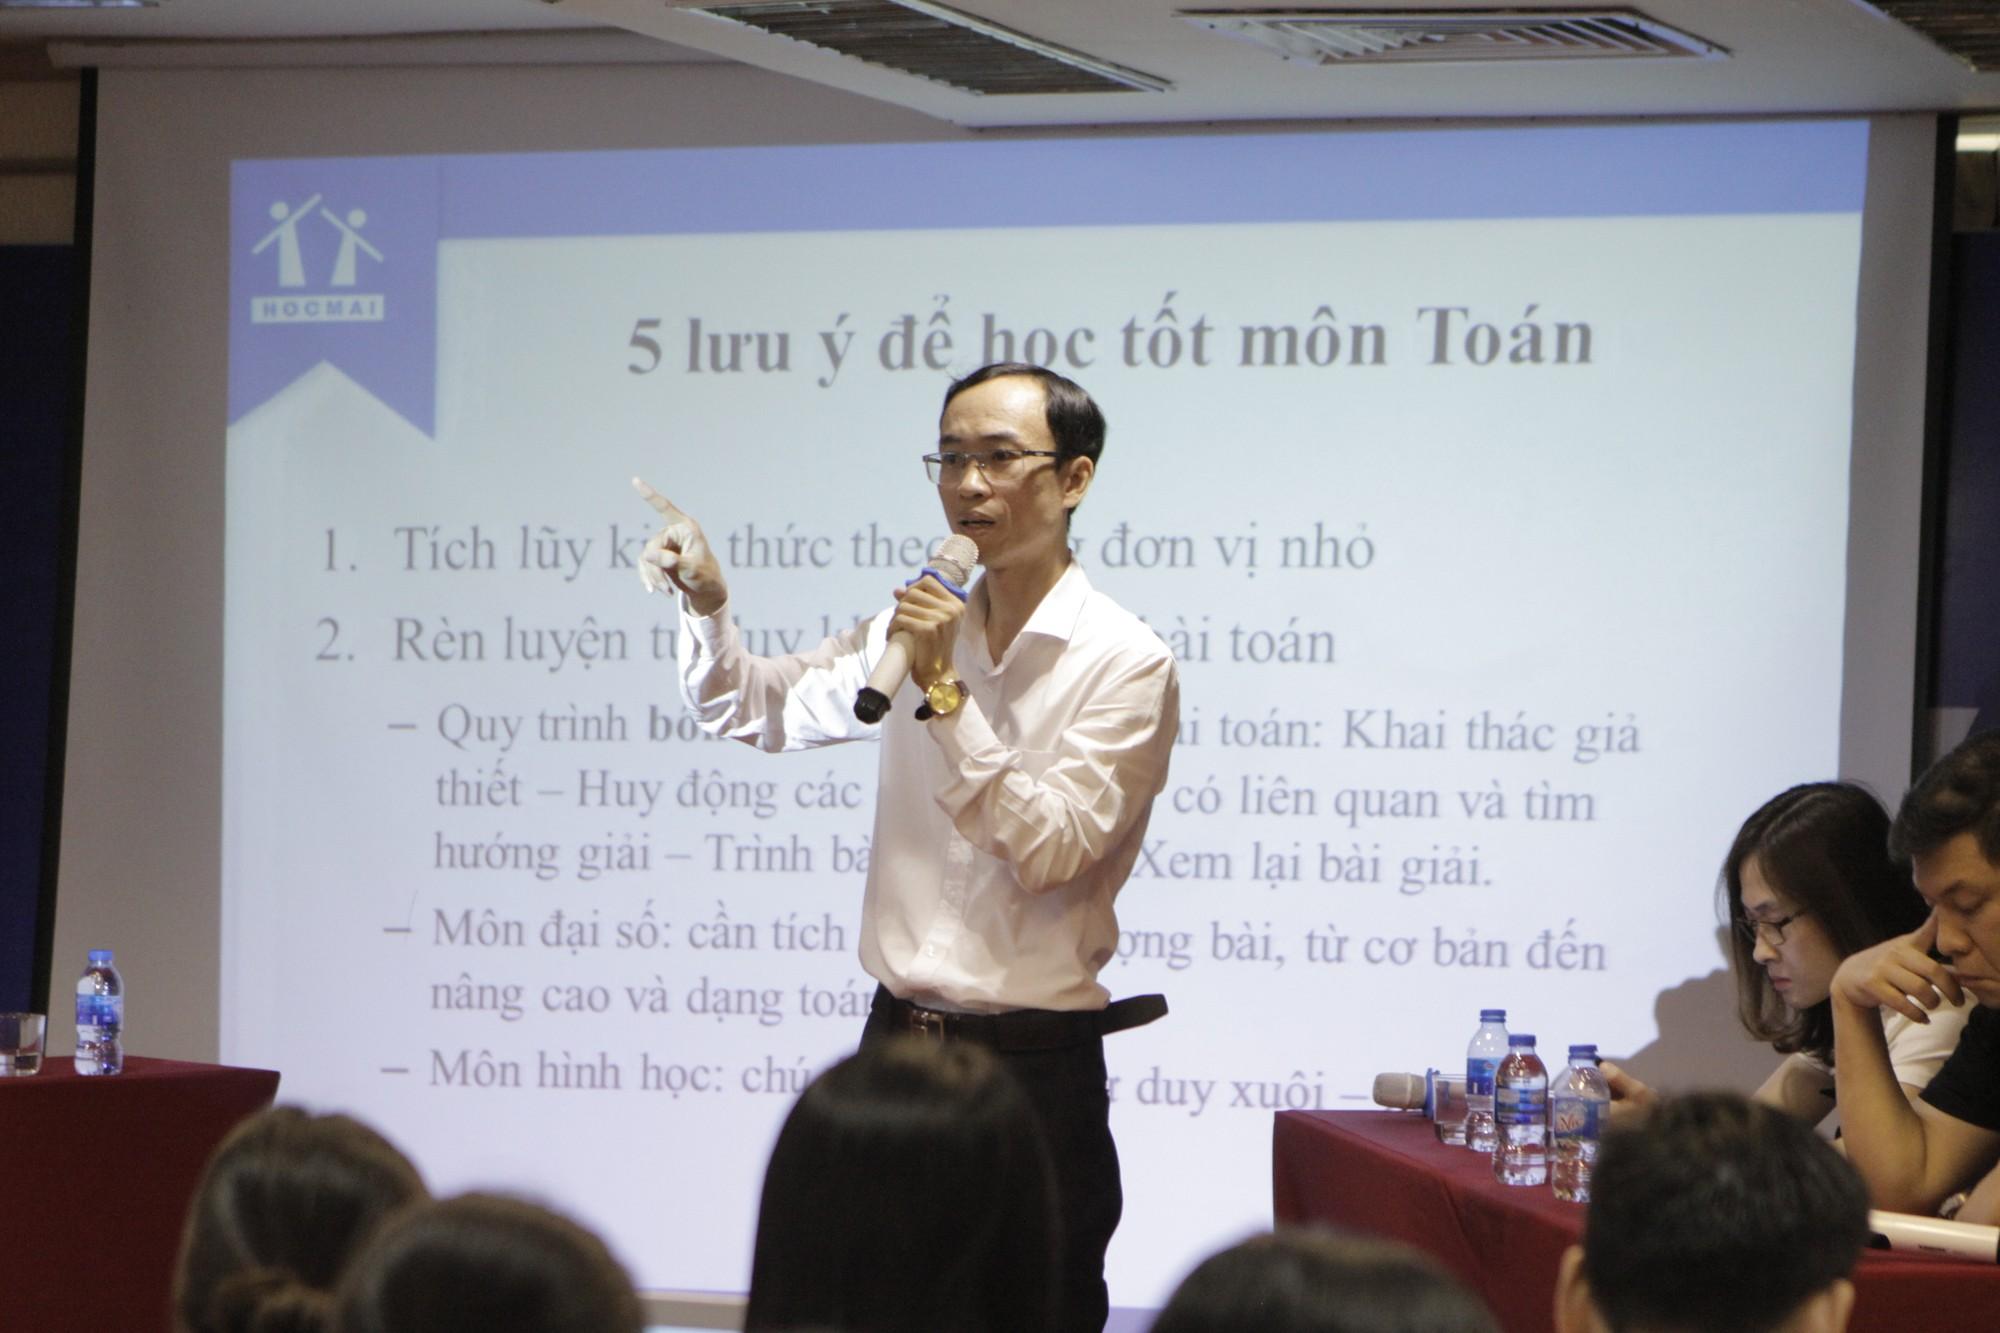 Kỳ thi tuyển sinh lớp 10 tại Hà Nội năm 2019 được đánh giá khó hơn thi Đại học do nhiều thay đổi: Học sao cho đúng? - Ảnh 3.